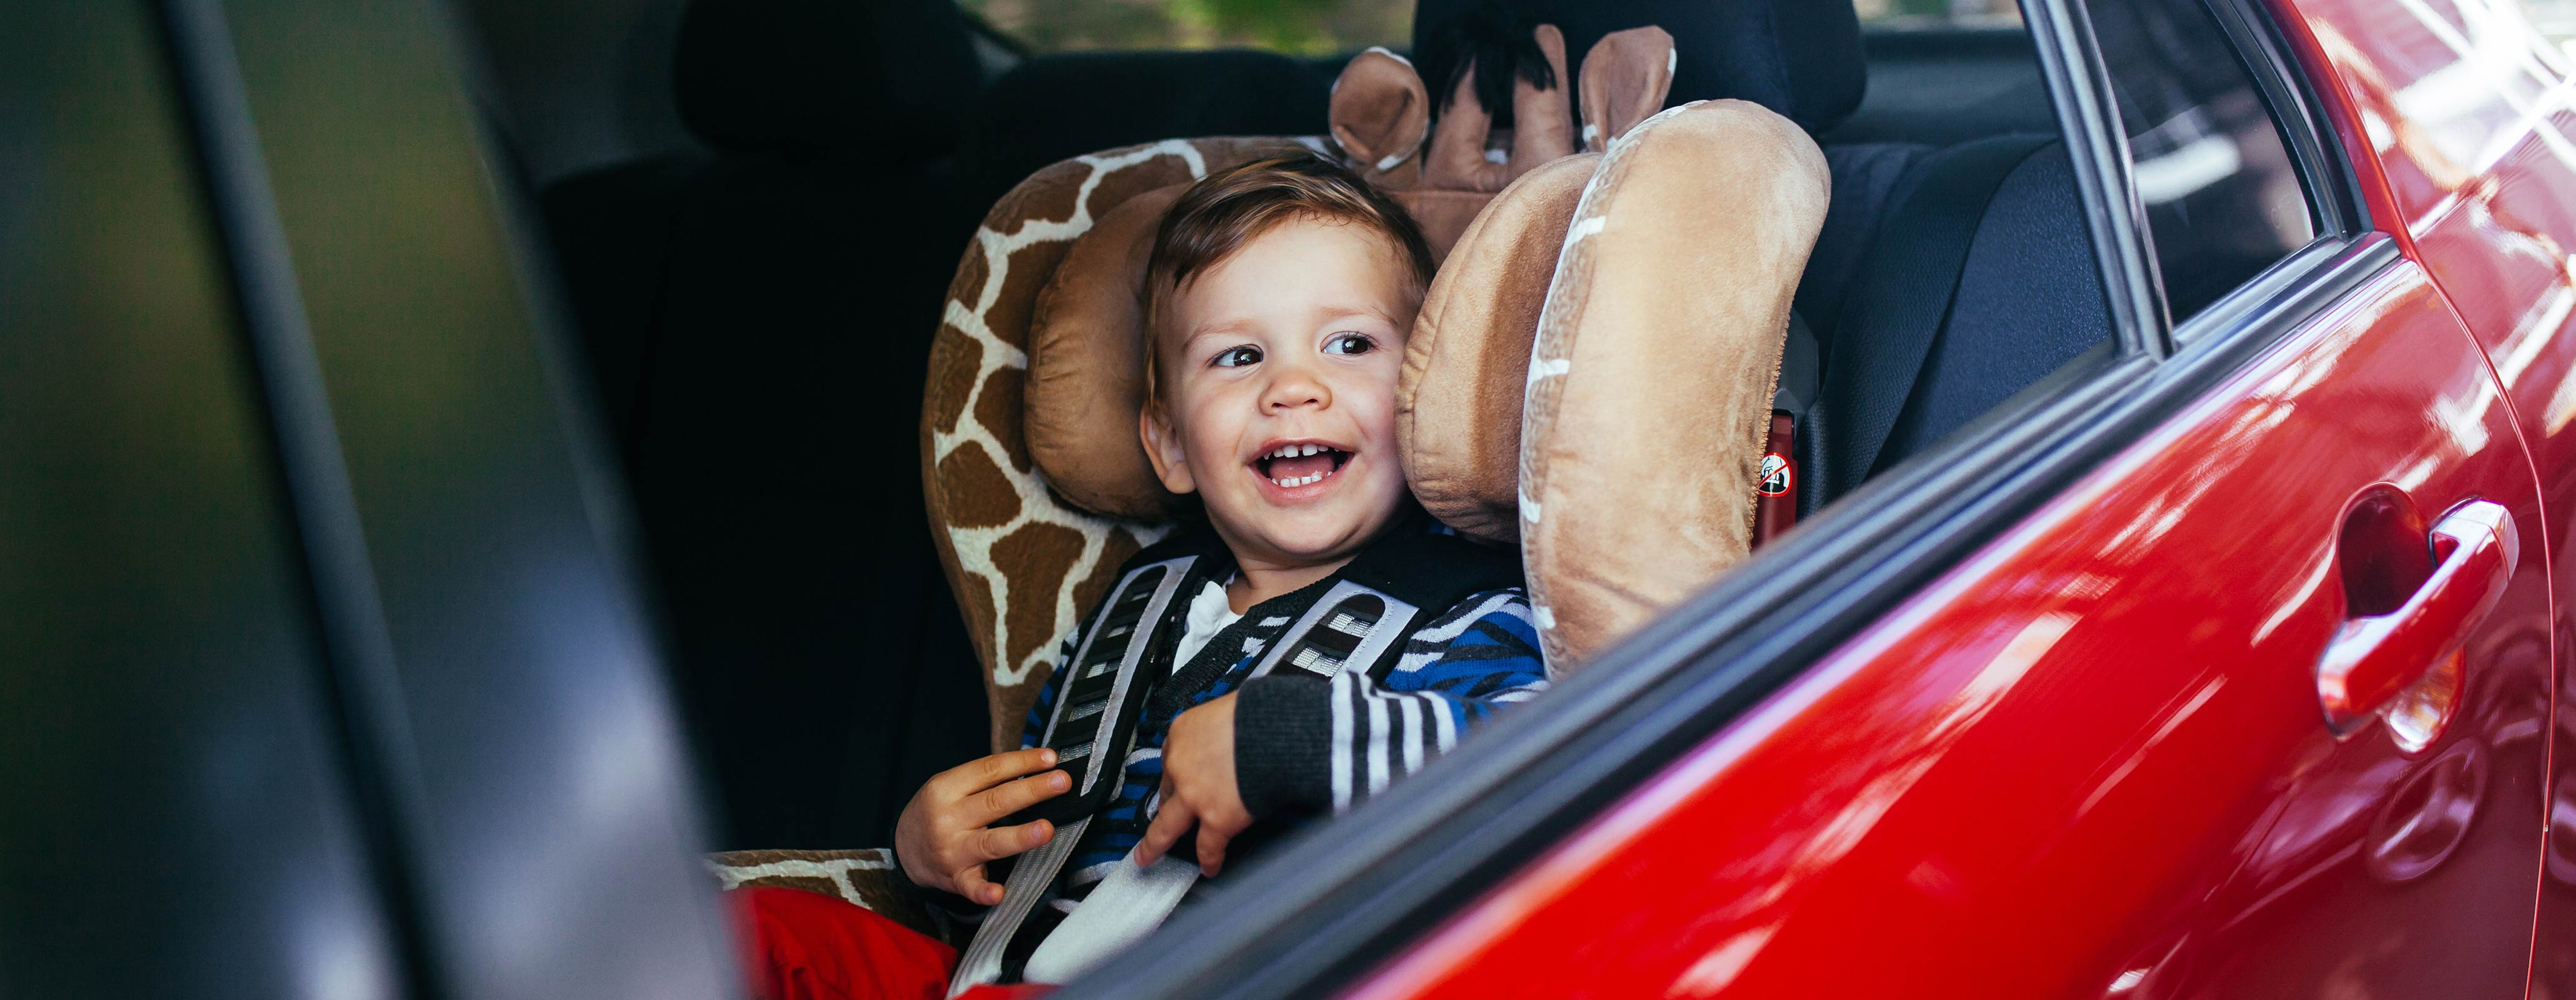 Kinderen en uw autoverzekering